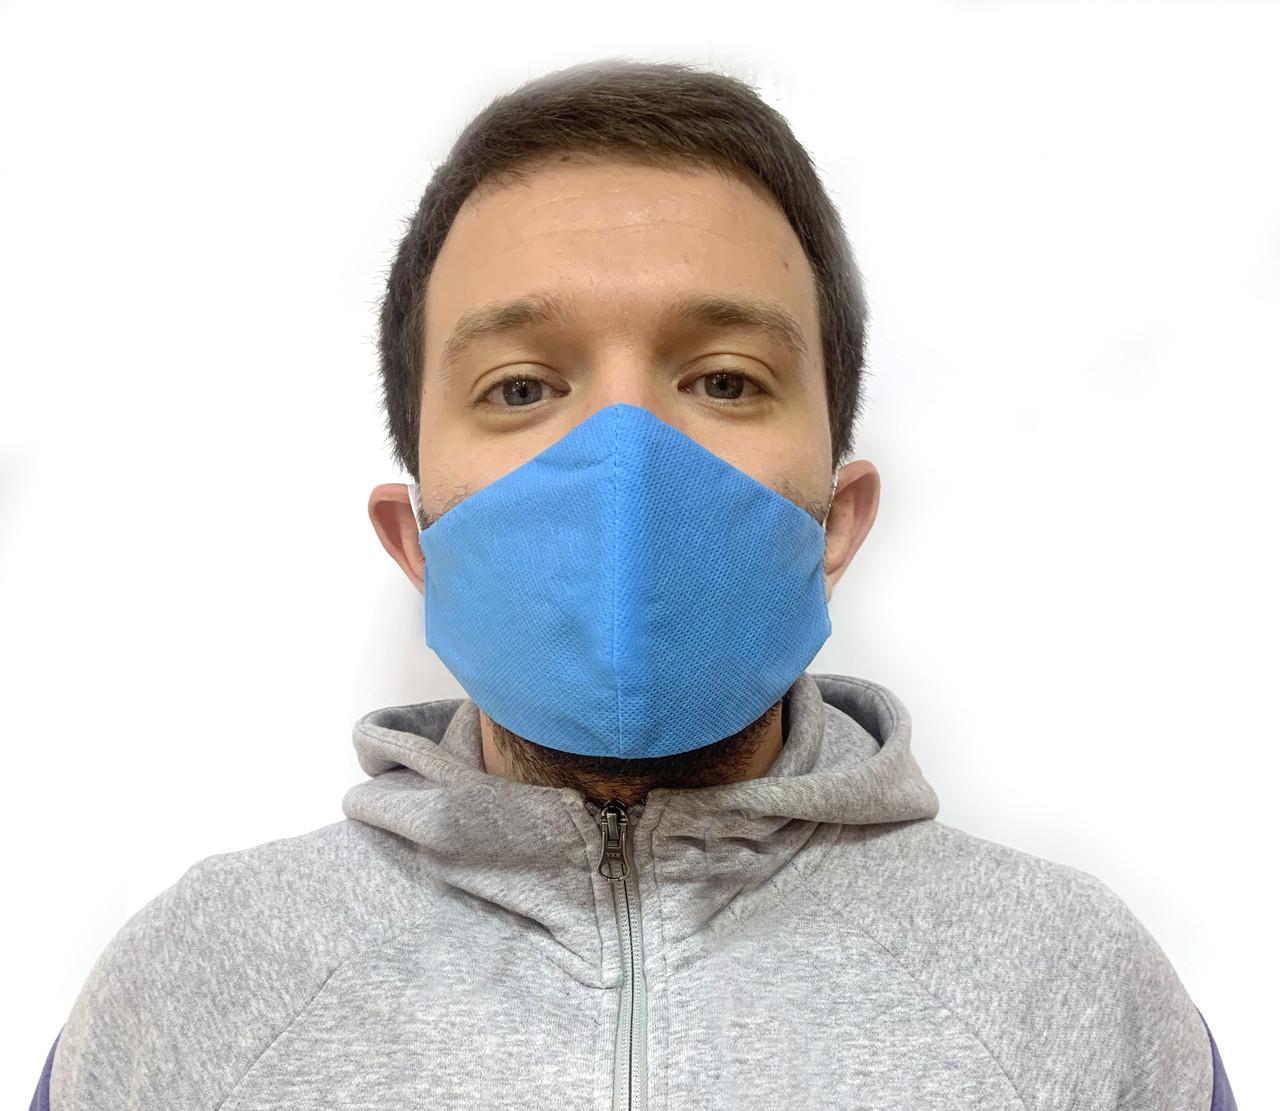 Многоразовая защитная маска от вирусов и инфекций антибактериальная для лица 10 шт.